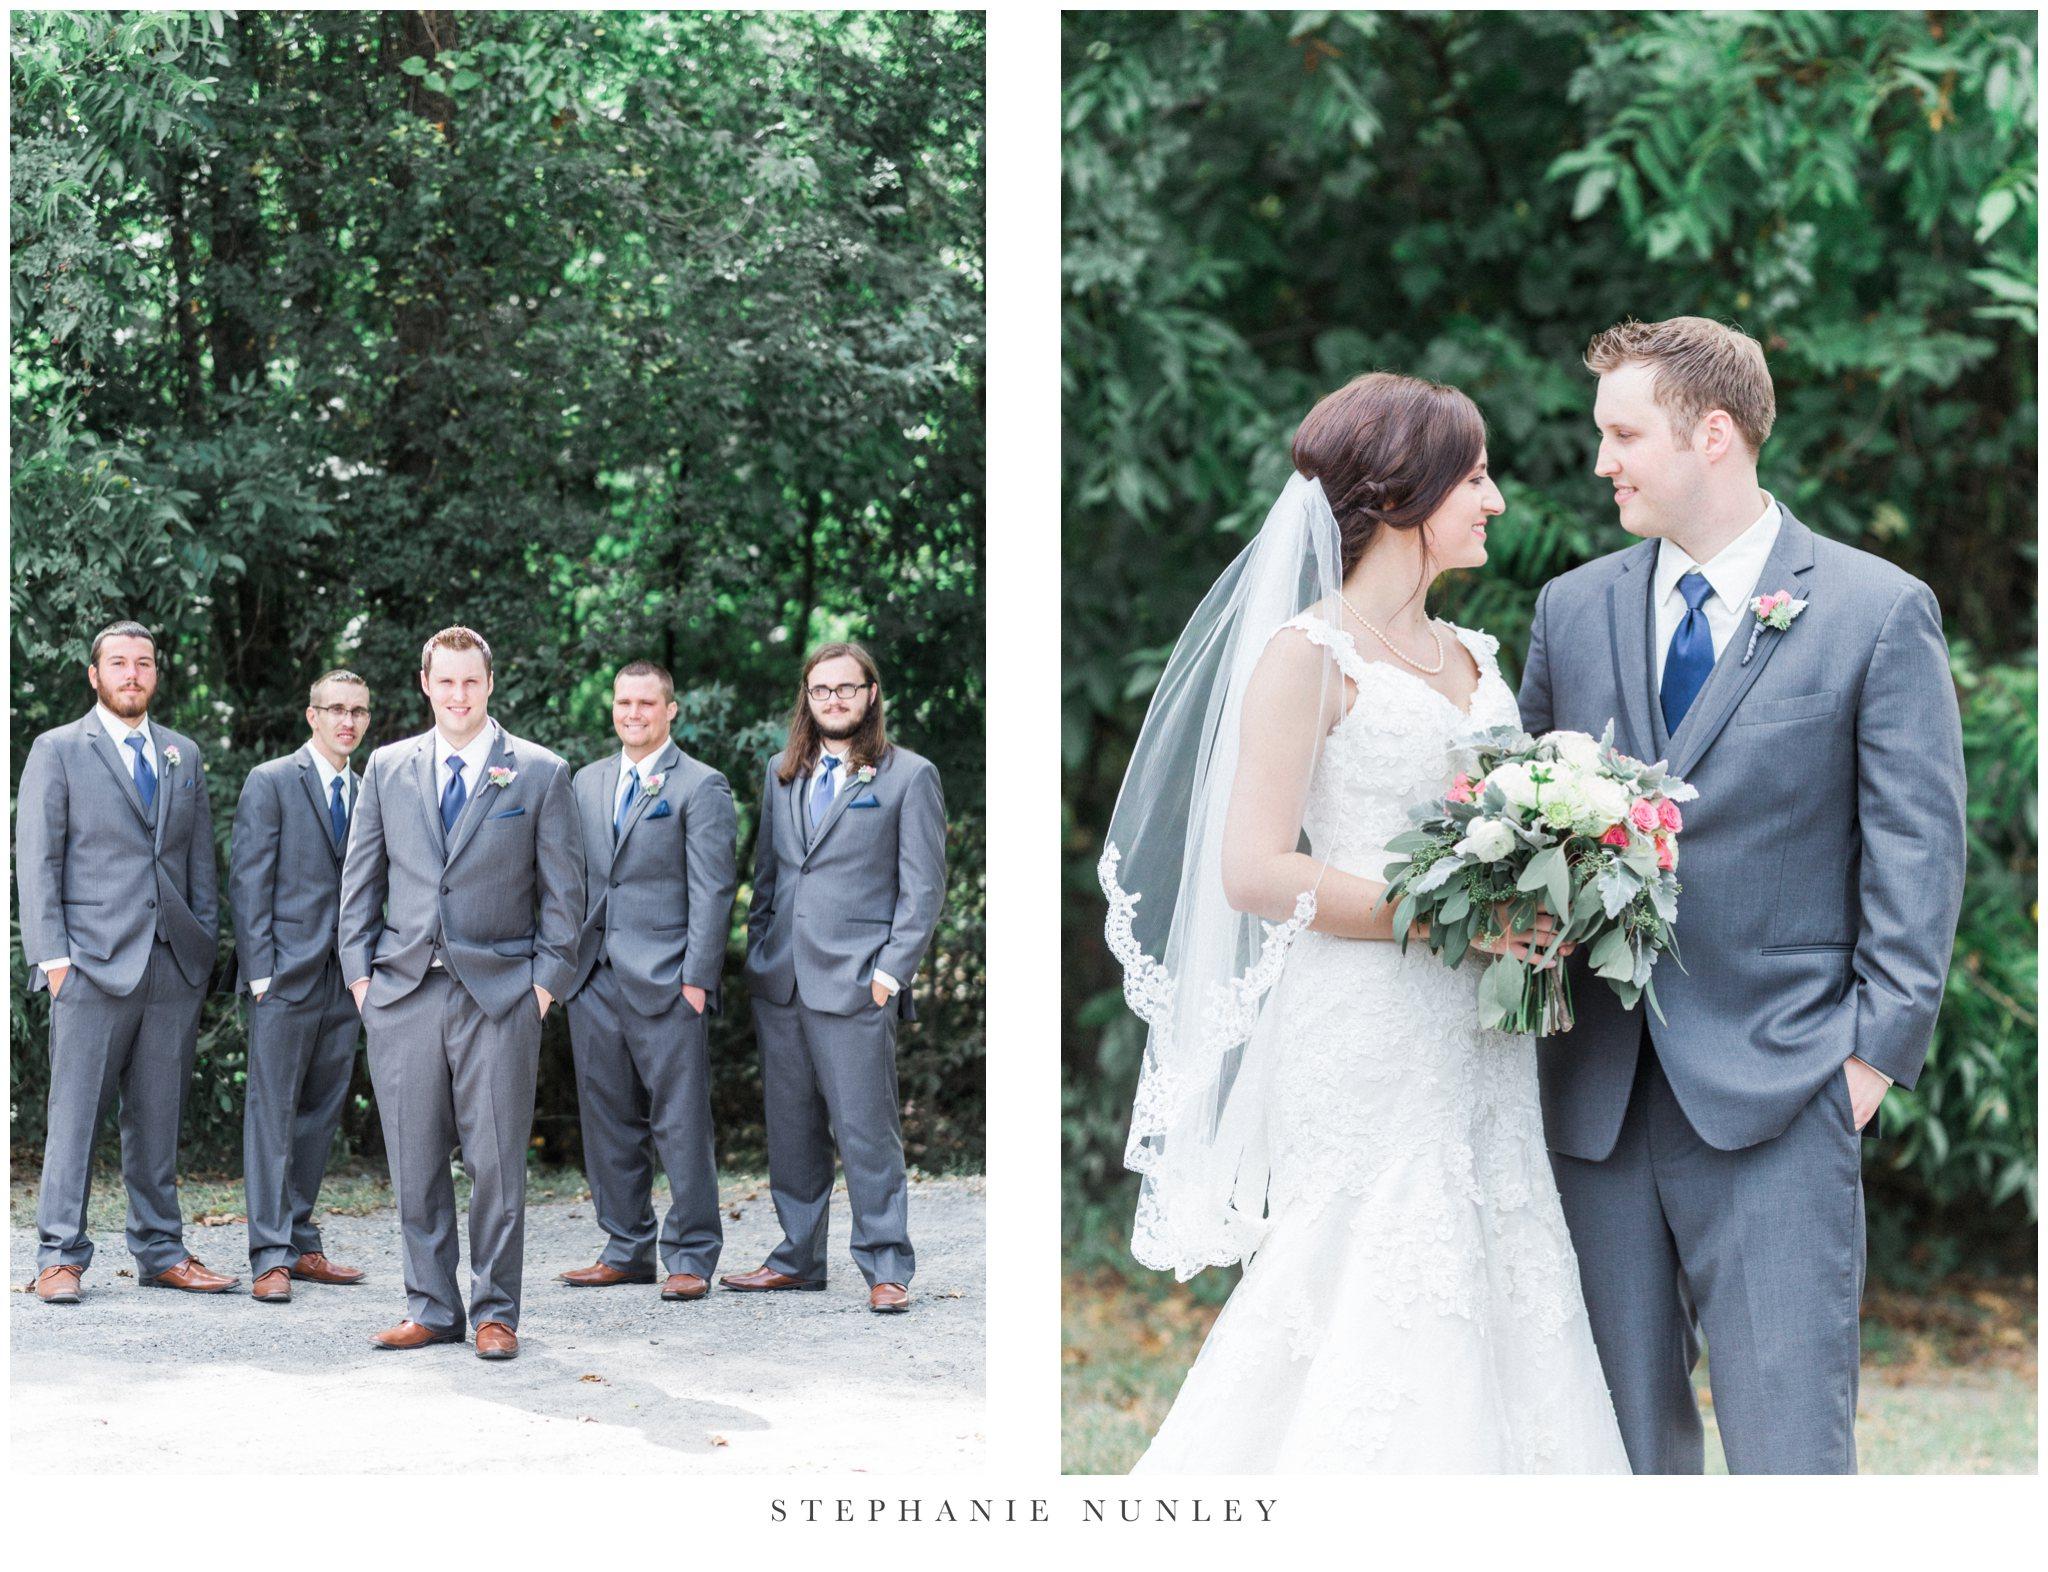 arkansas-outdoor-film-inspired-wedding-0043.jpg